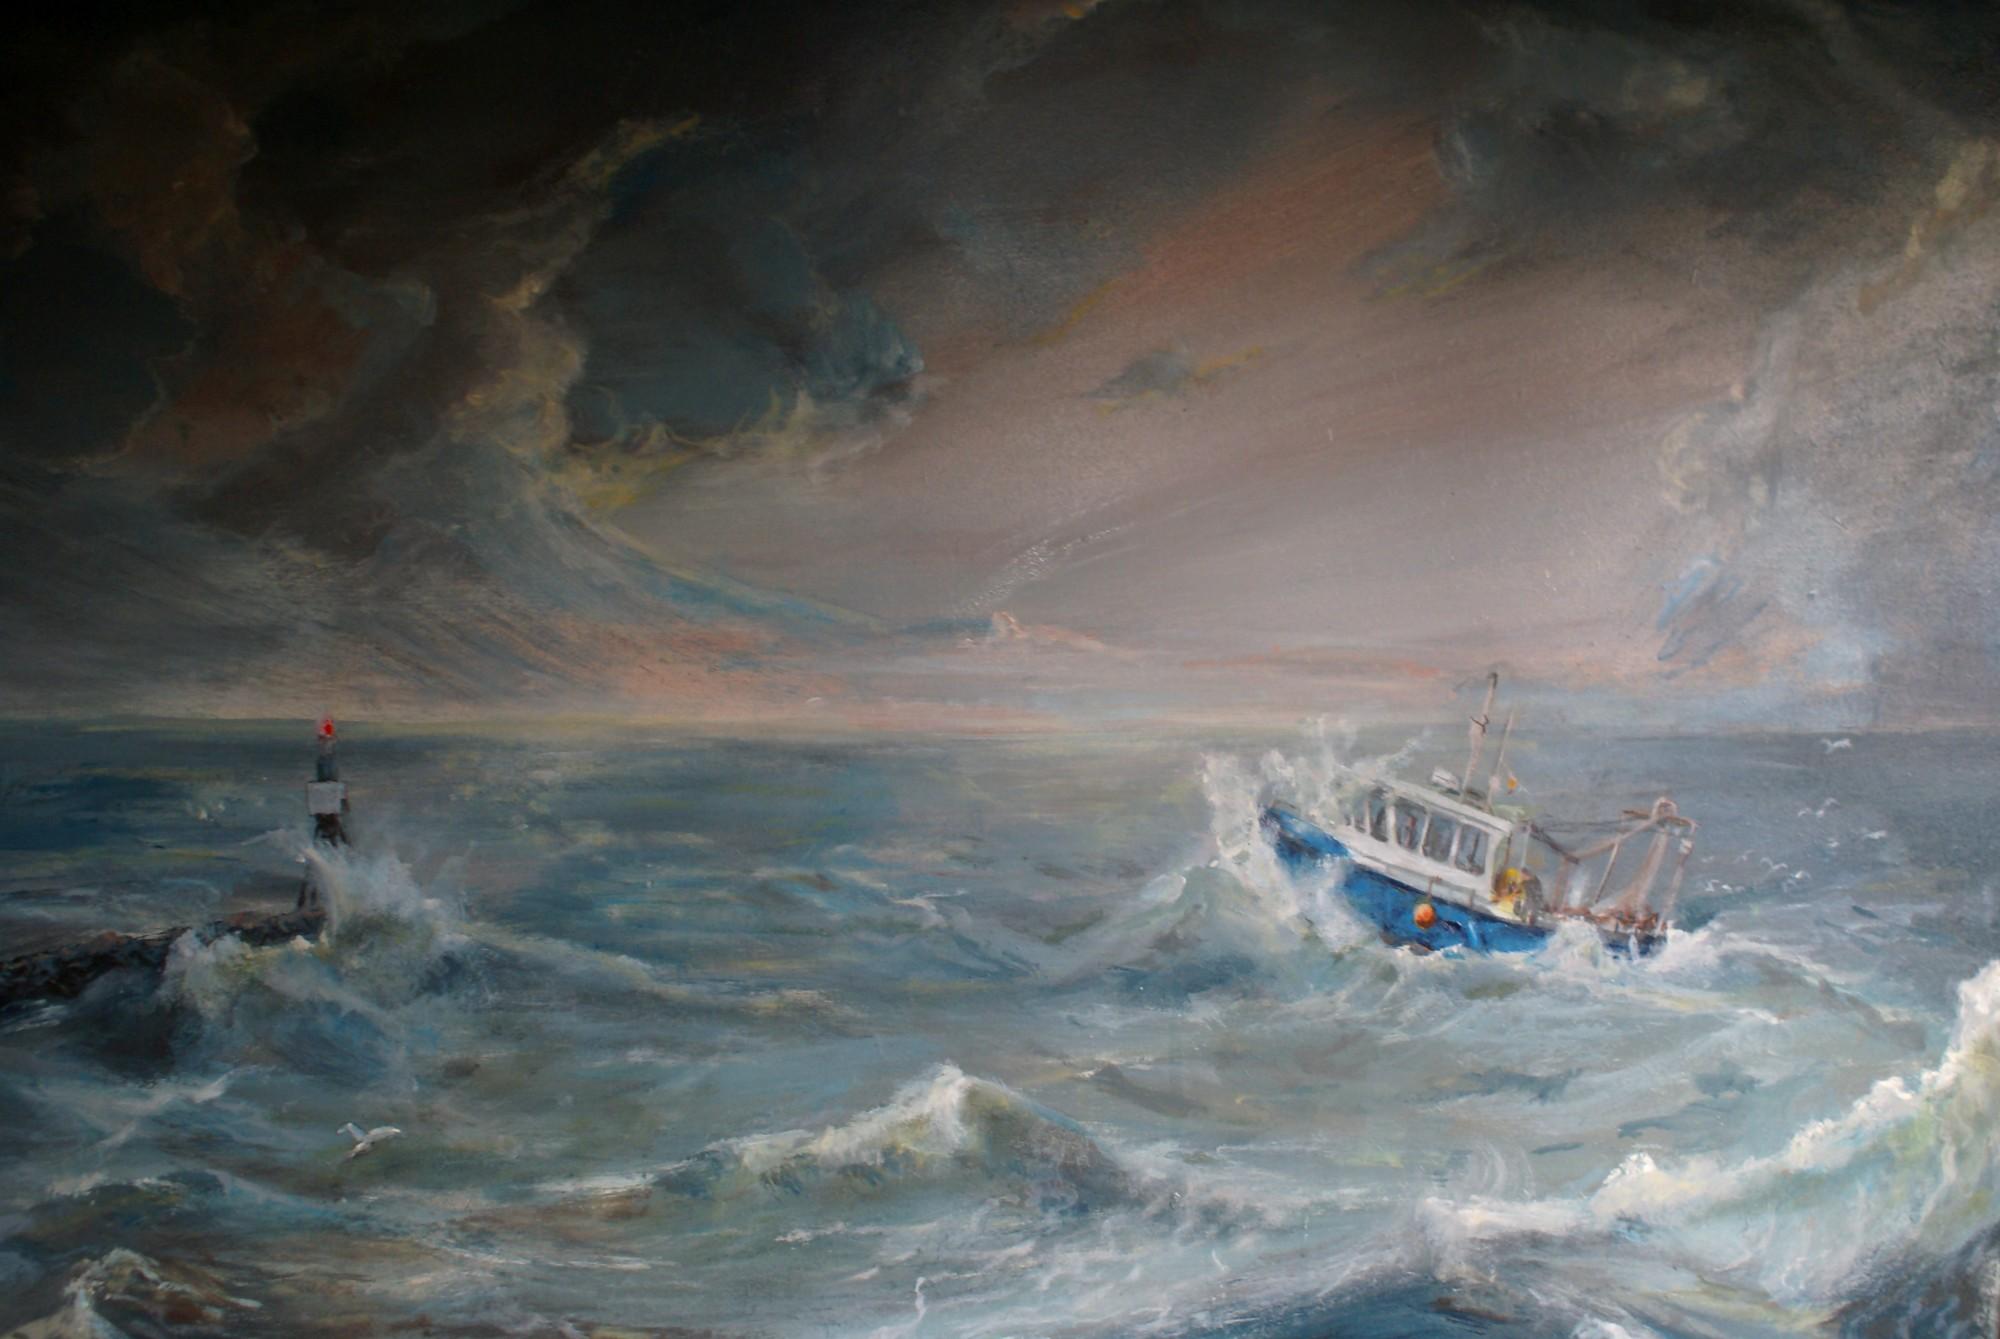 De visboot van mijn vader en broer op de Westerschelde. Schildering door P.L. Kalishoek |  Fantastic Visions